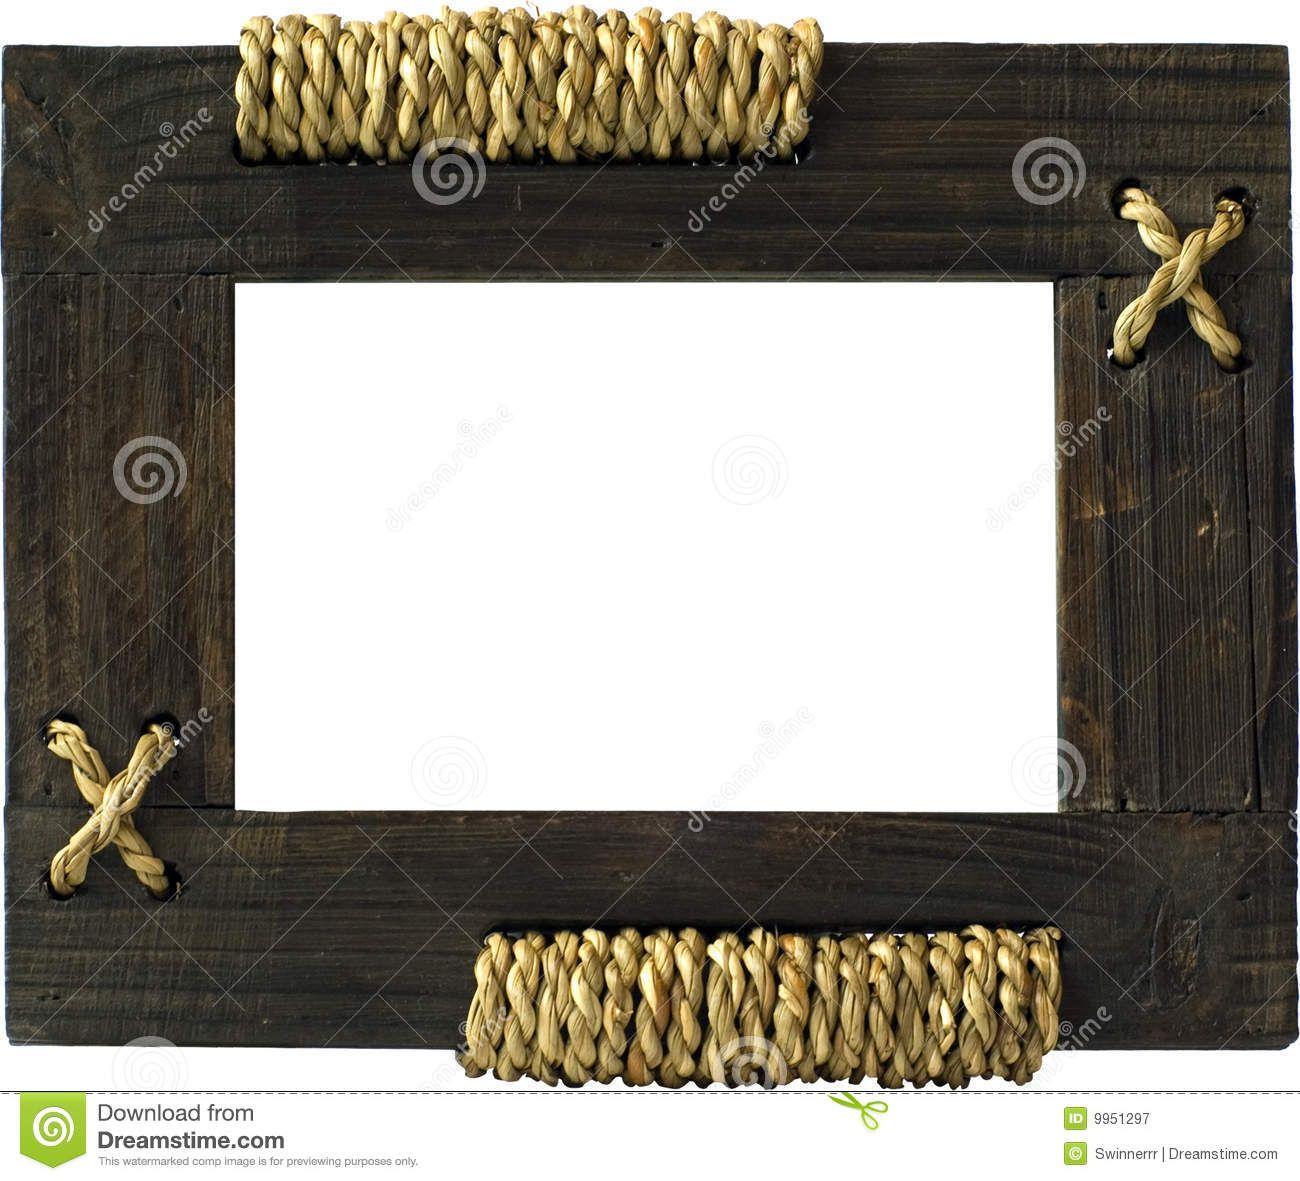 Resultado de imagen para marcos etnicos rusticos | Marcos rusticos ...